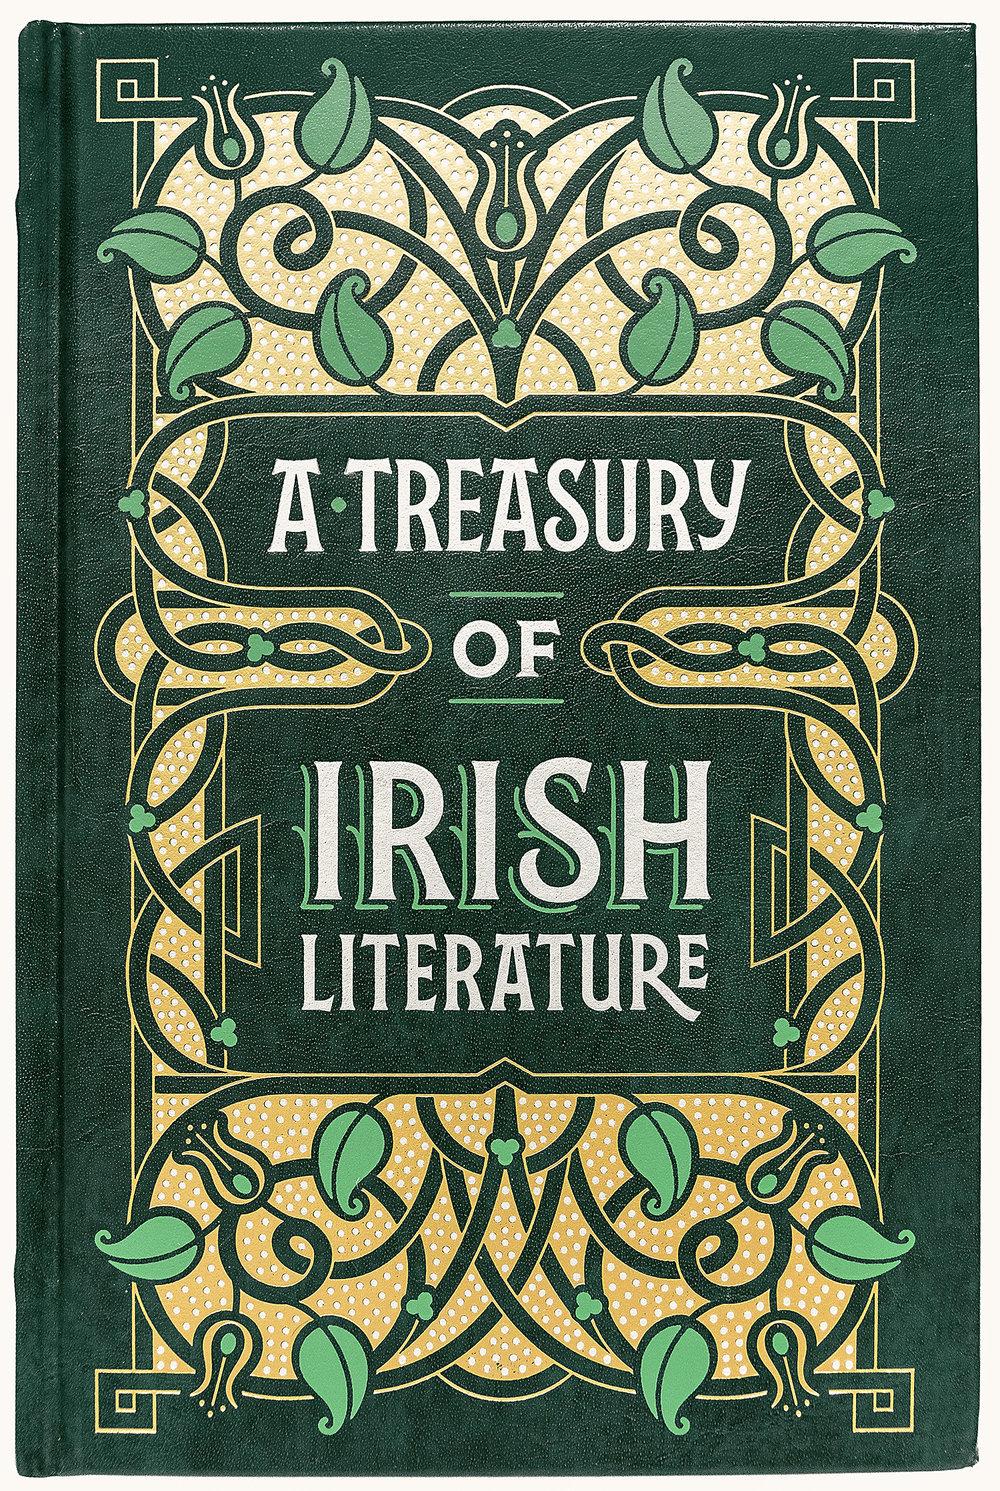 IrishLiterature.jpg